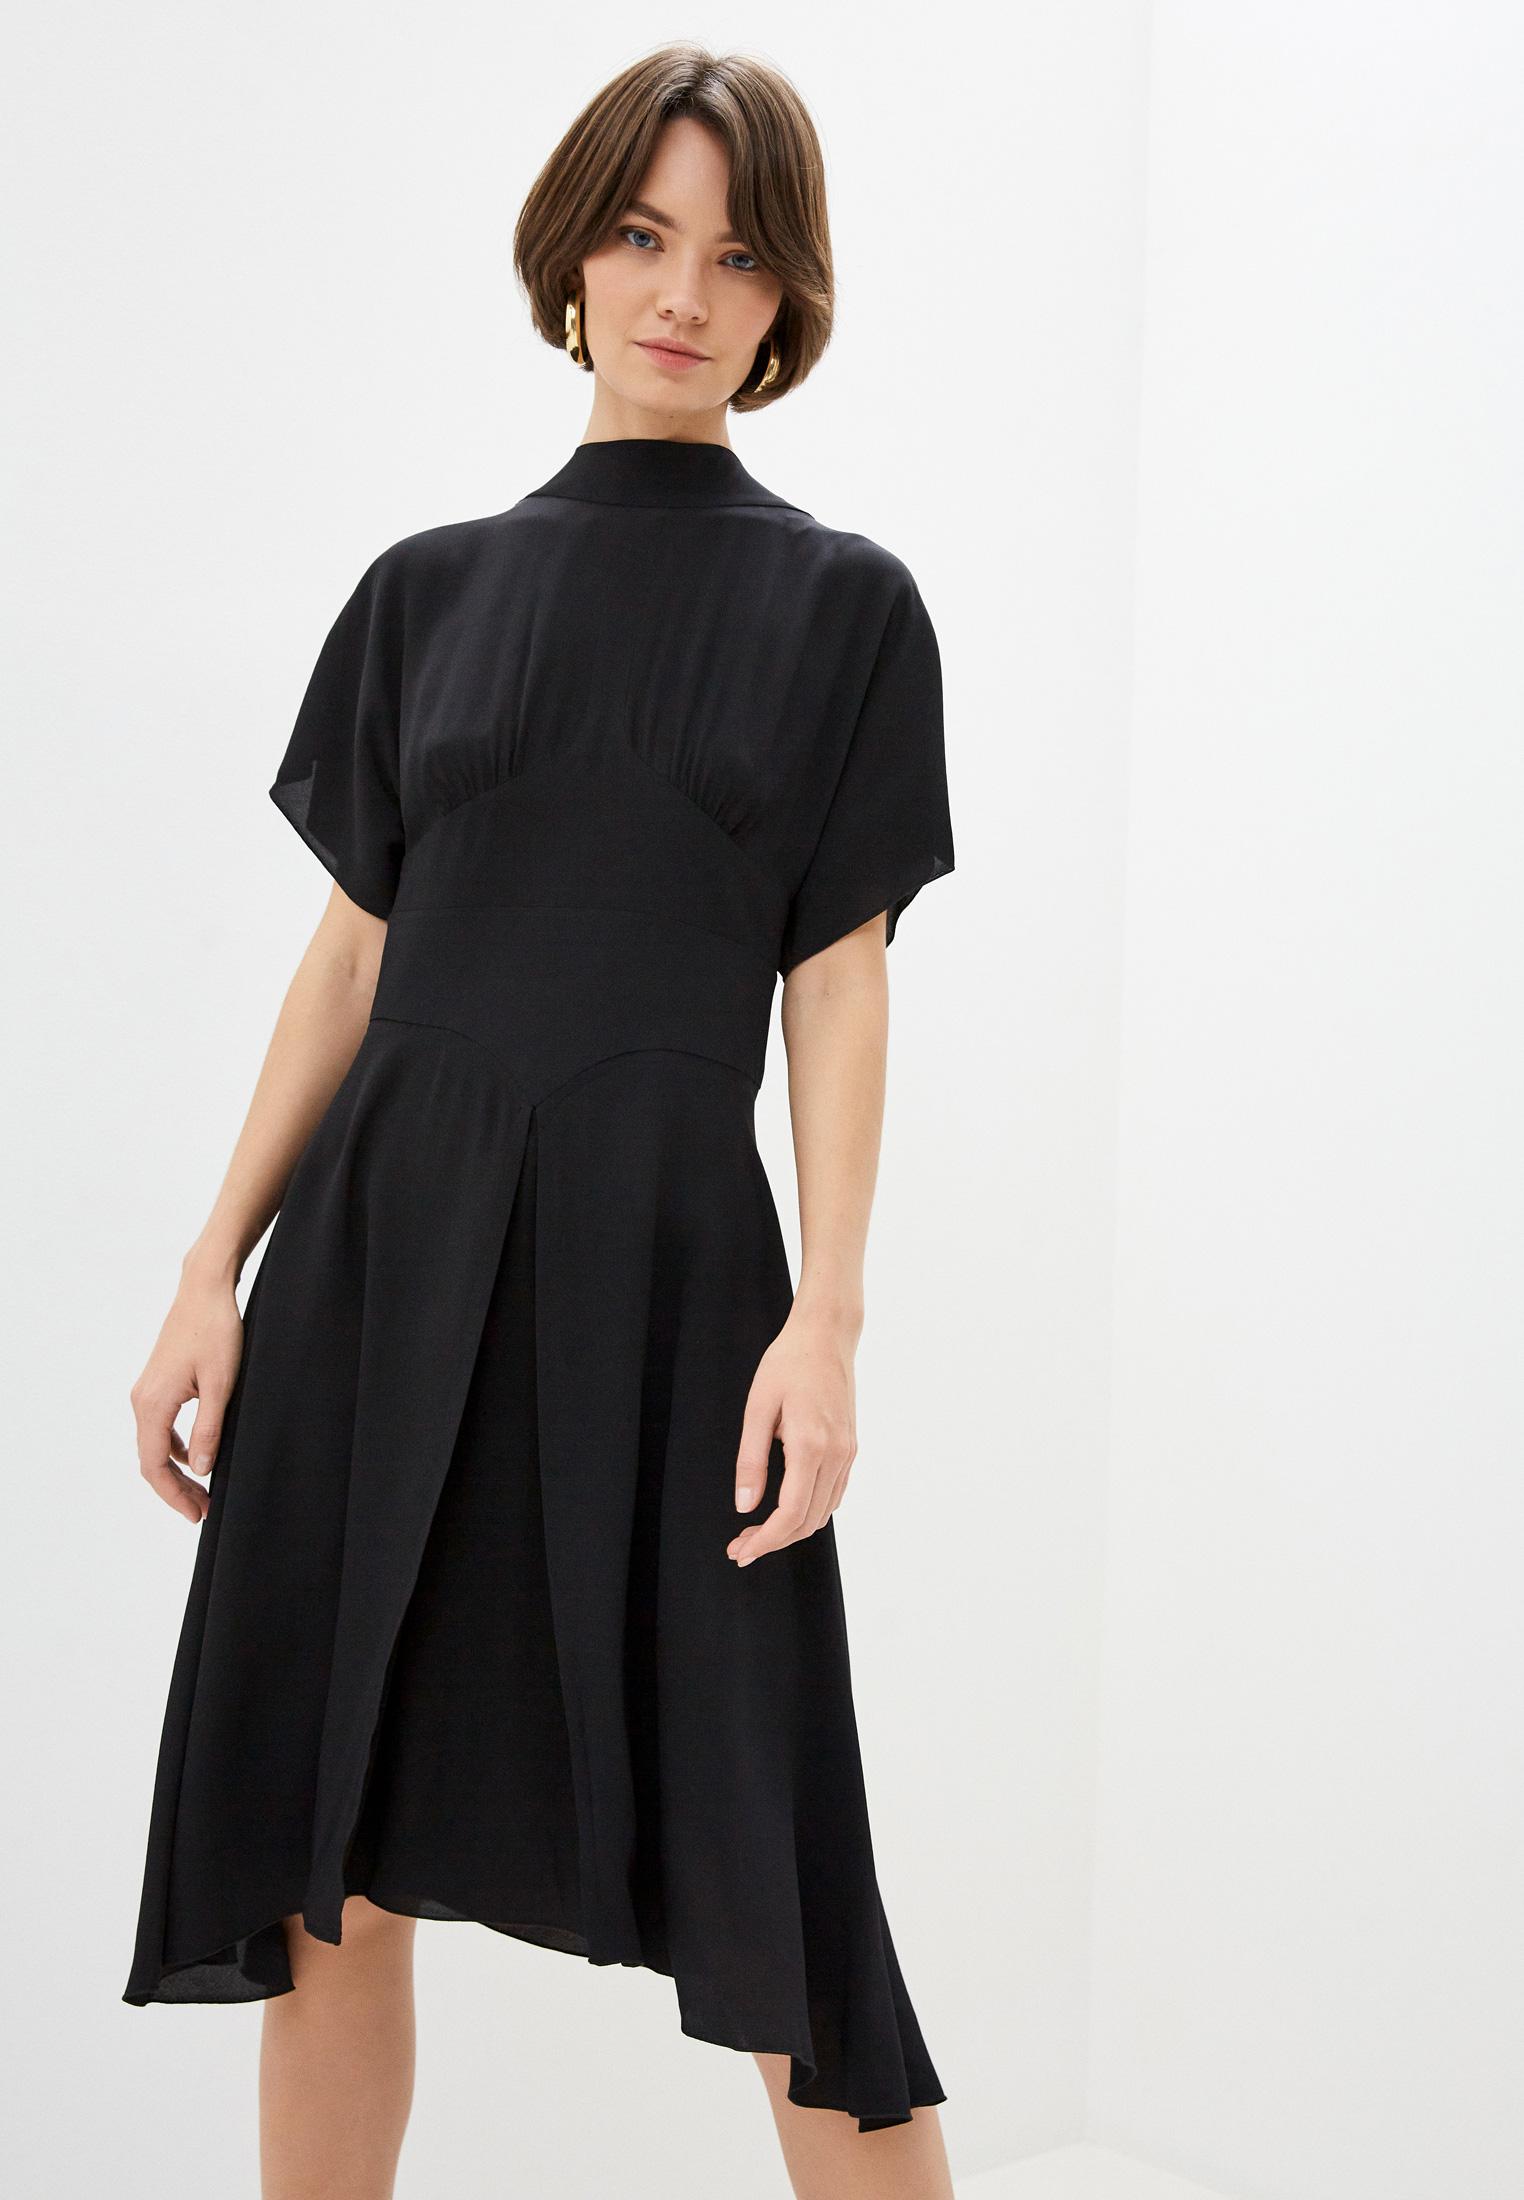 Повседневное платье N21 n2pH022 5111